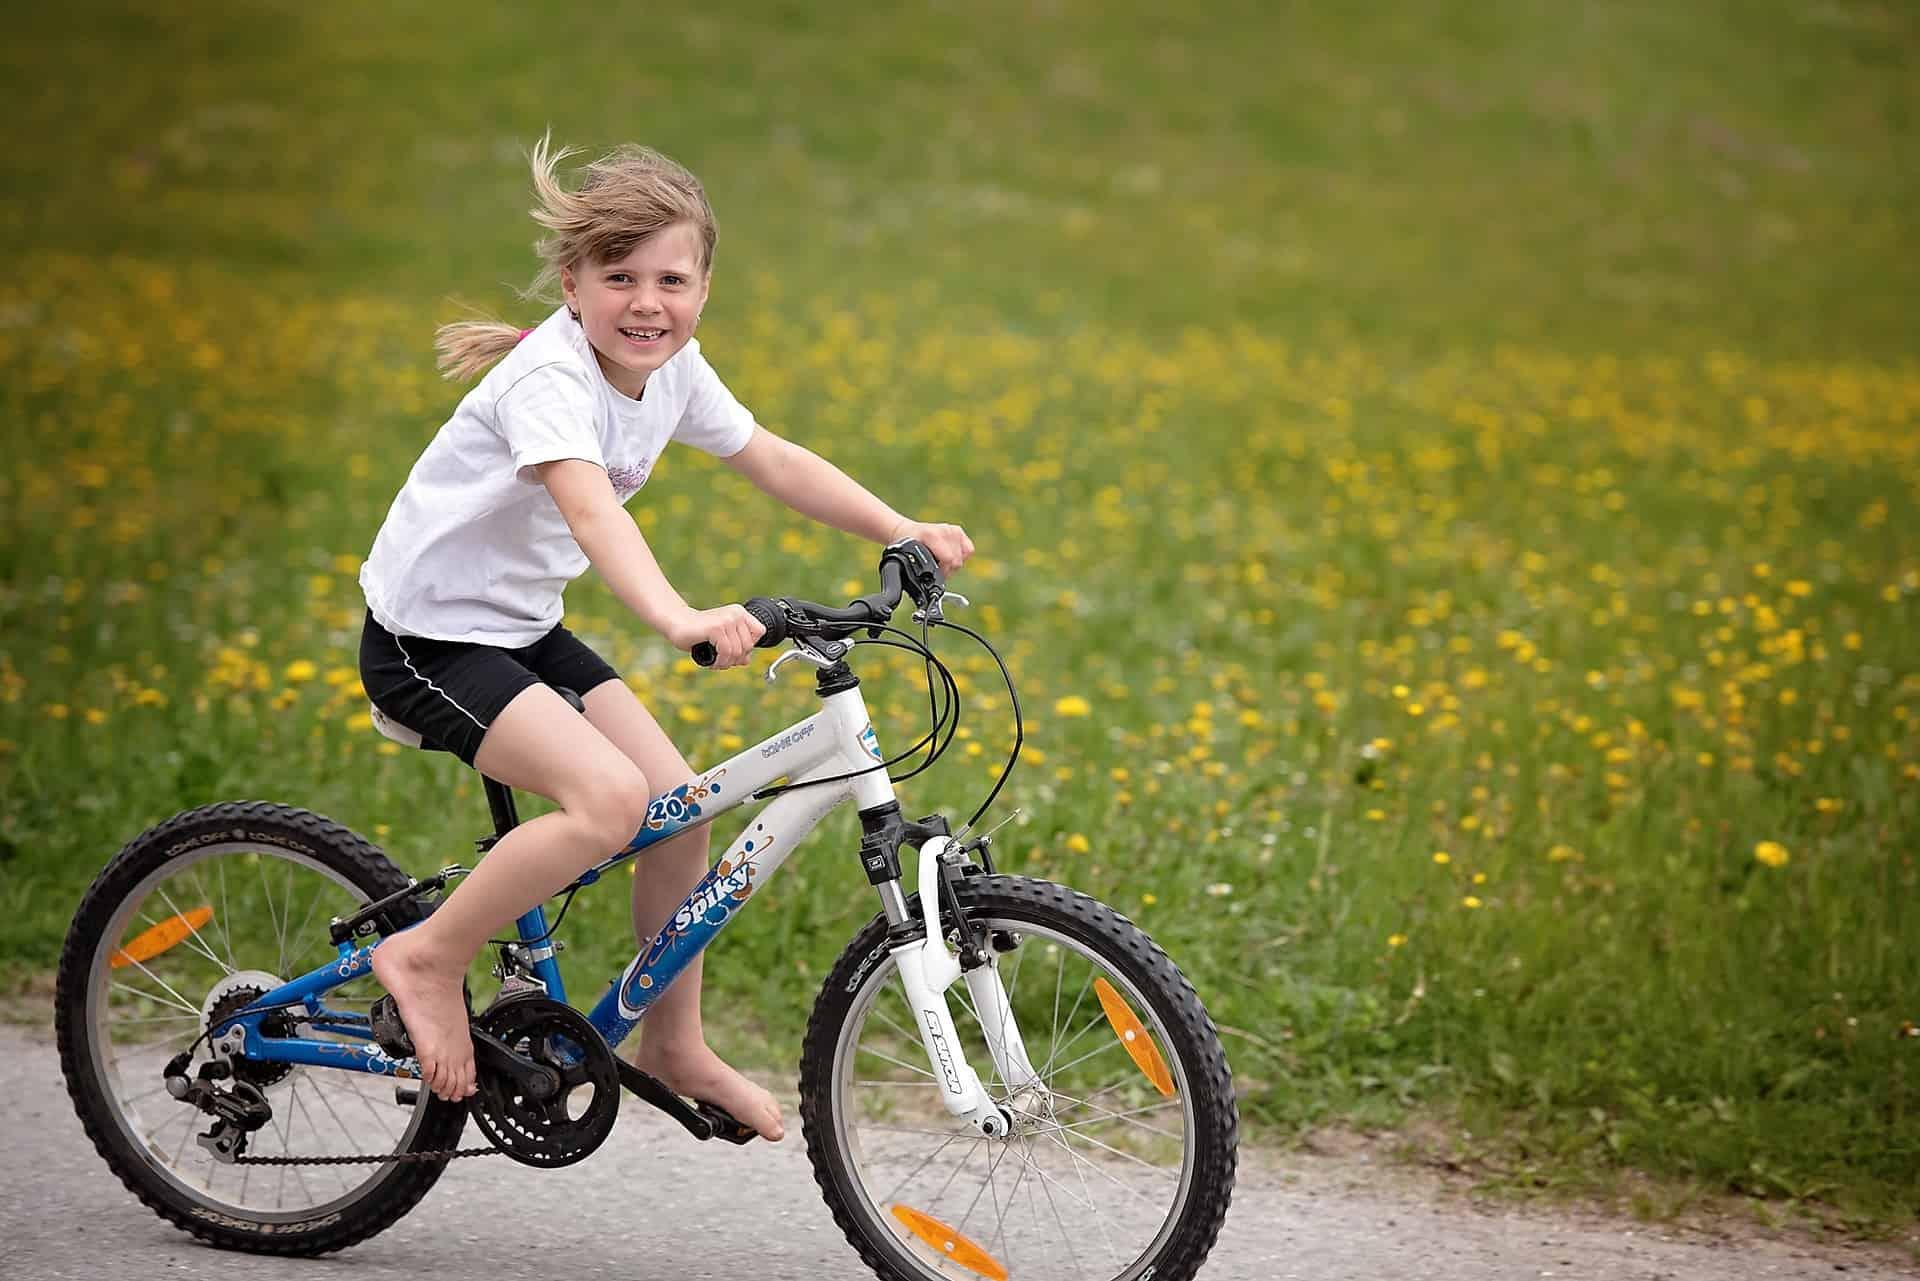 Bicicleta aro 24: Como escolher a melhor em 2020?